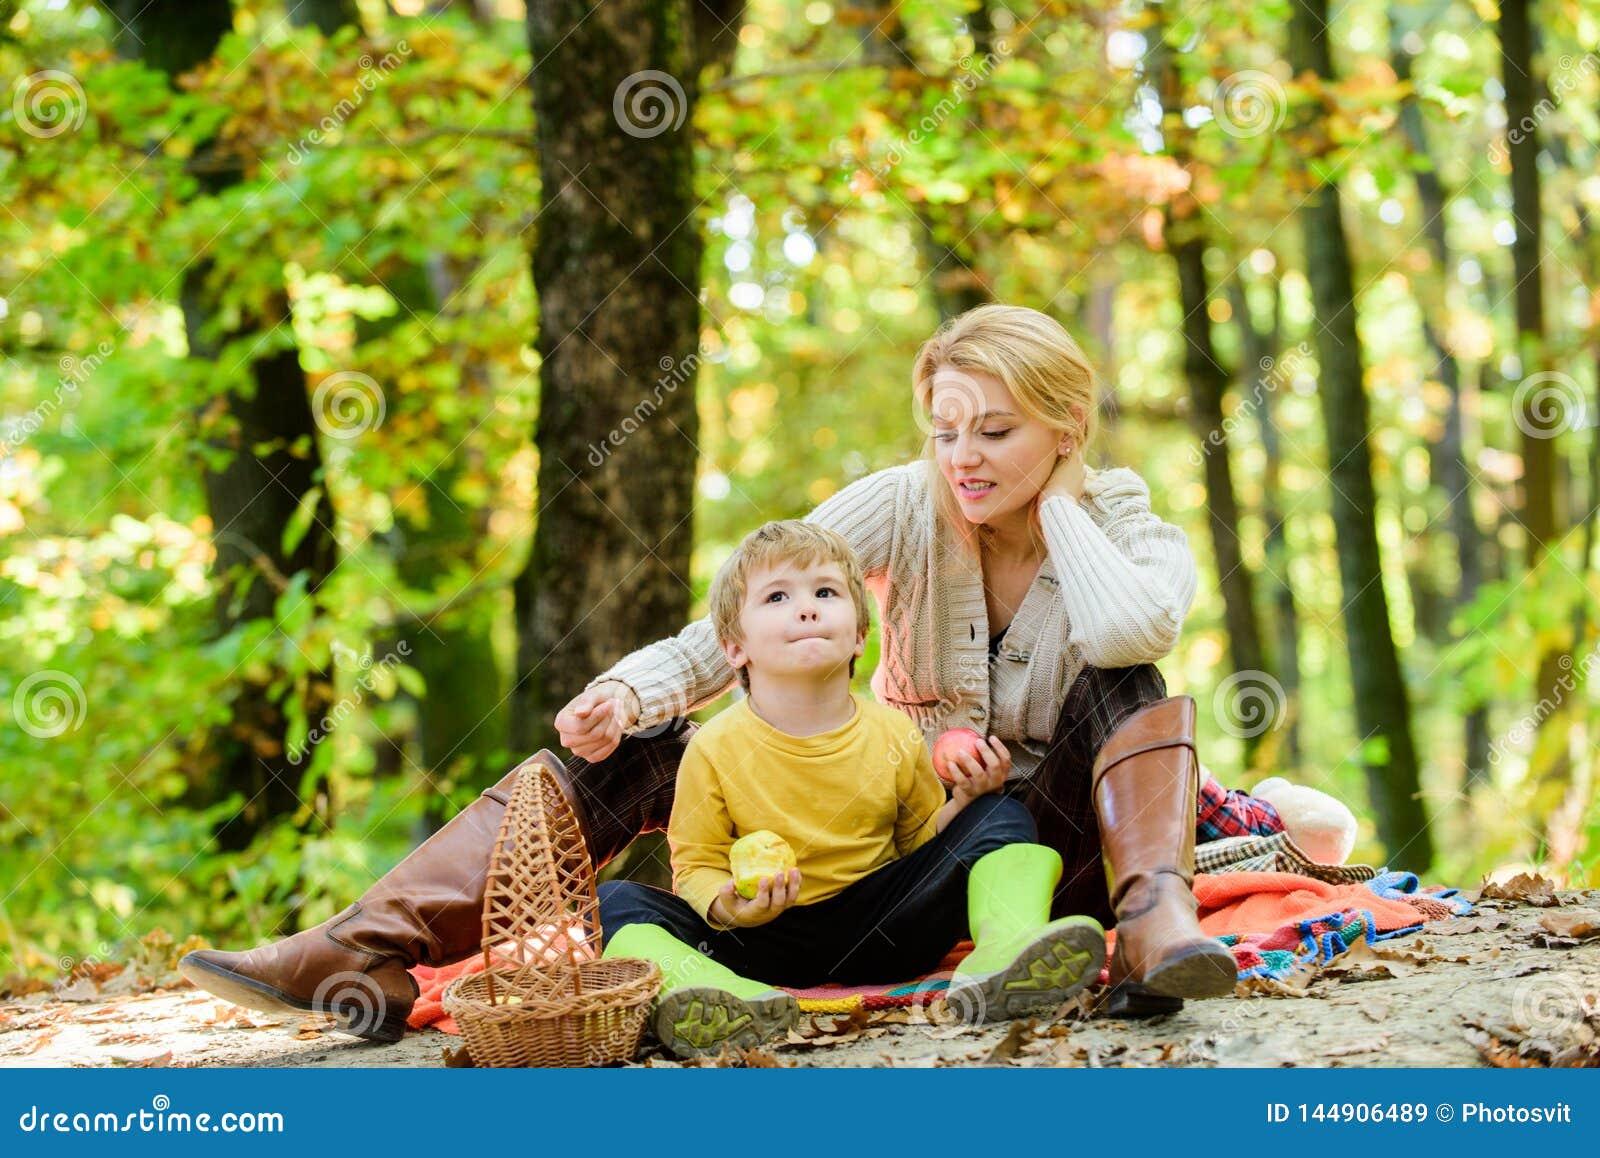 Bom dia para o piquenique da mola na natureza Comendo o petisco durante a caminhada Inf?ncia feliz Menino da mam? e da crian?a qu